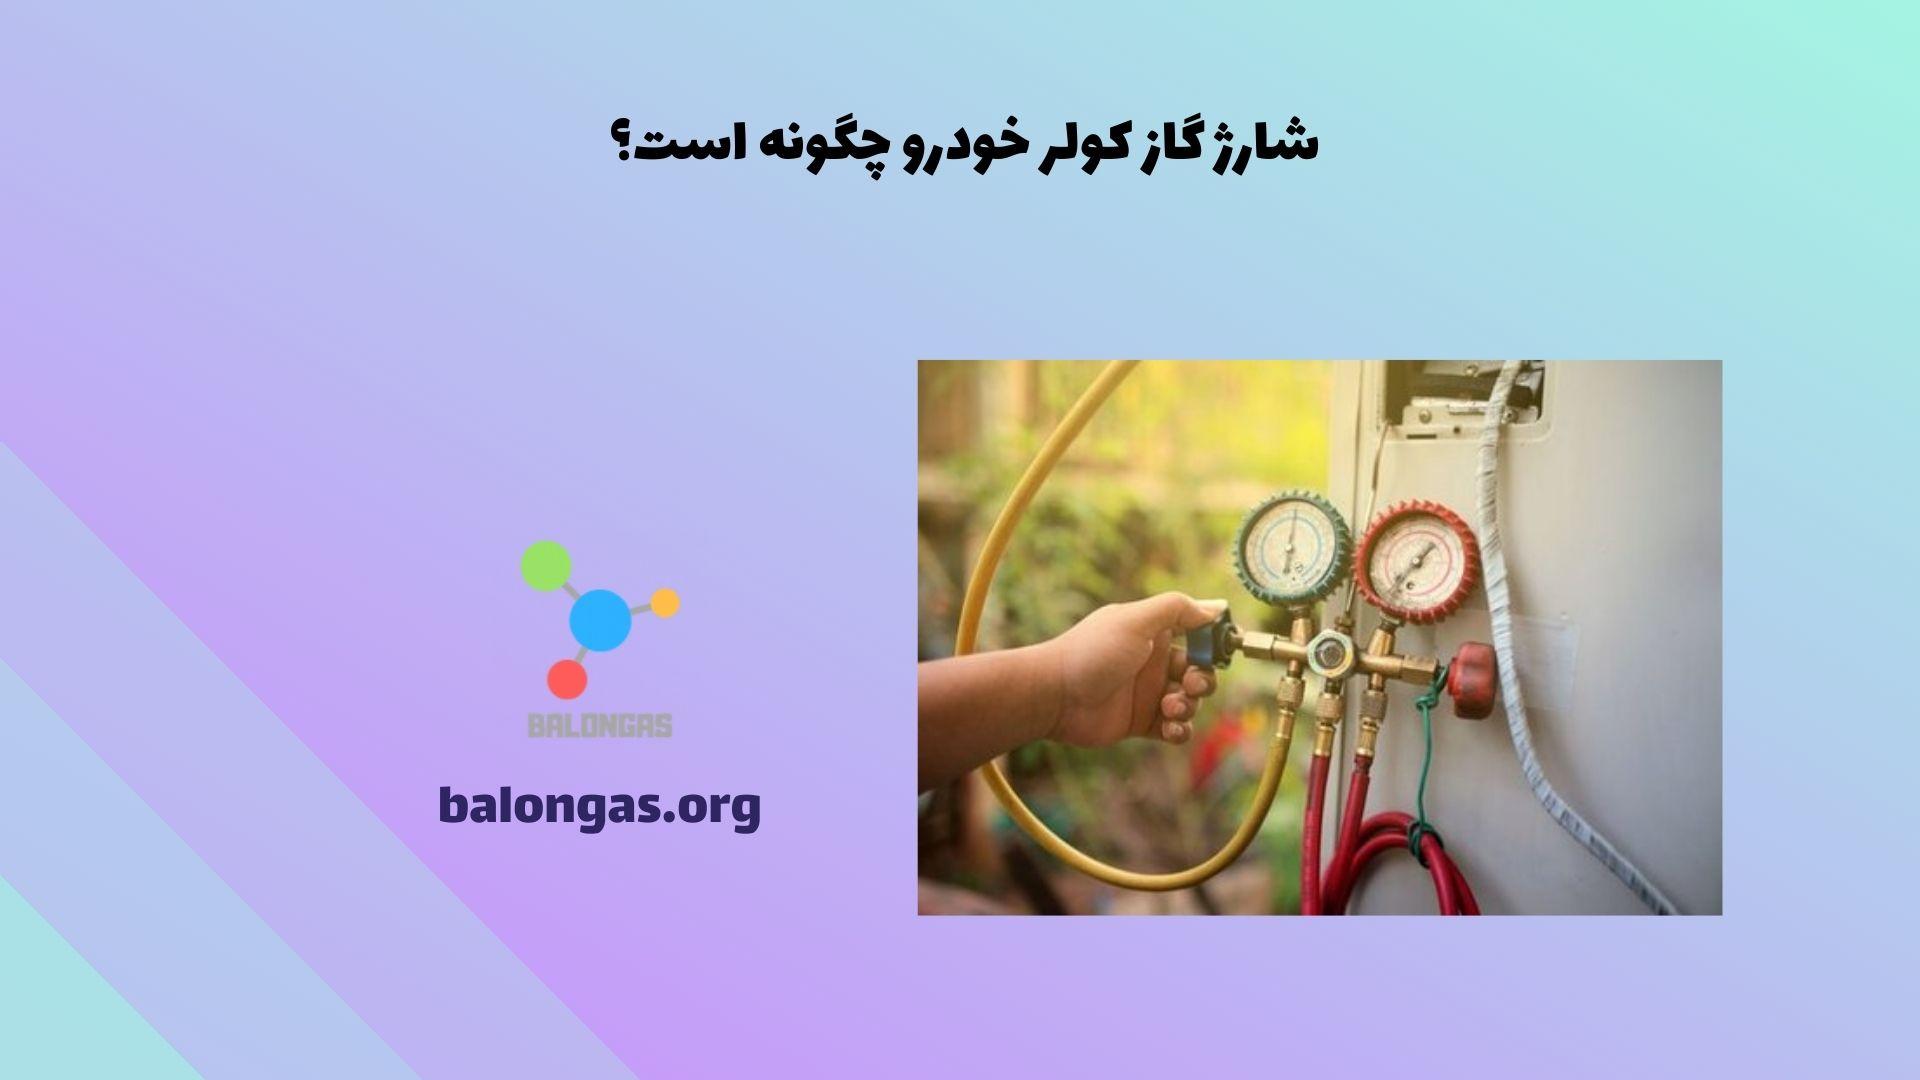 شارژ گاز کولر خودرو چگونه است؟